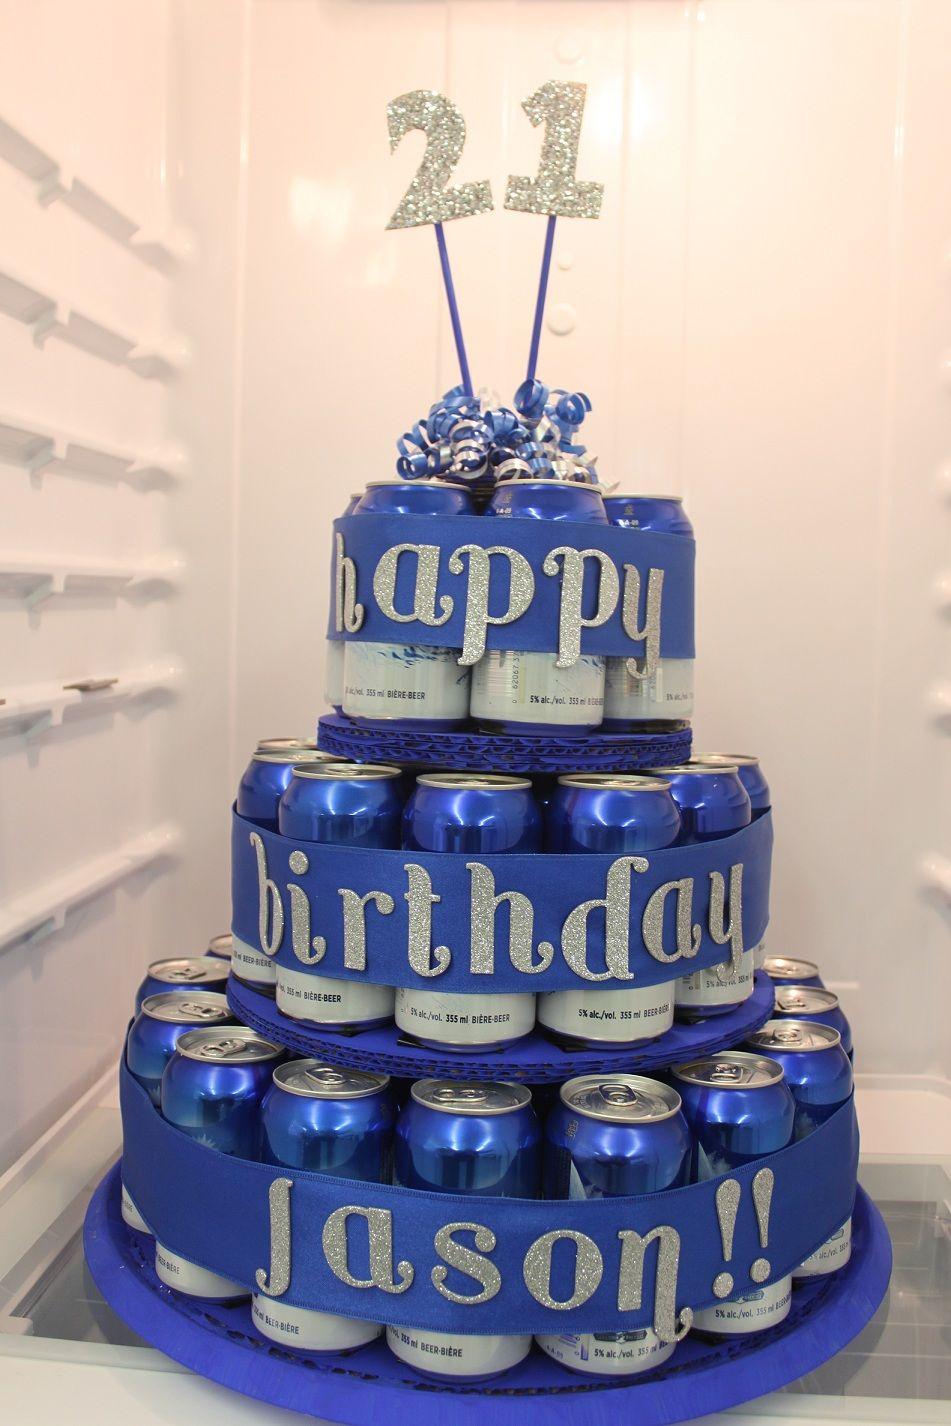 BeerCake2jpg 9511426 Party Ideas Pinterest Birthdays